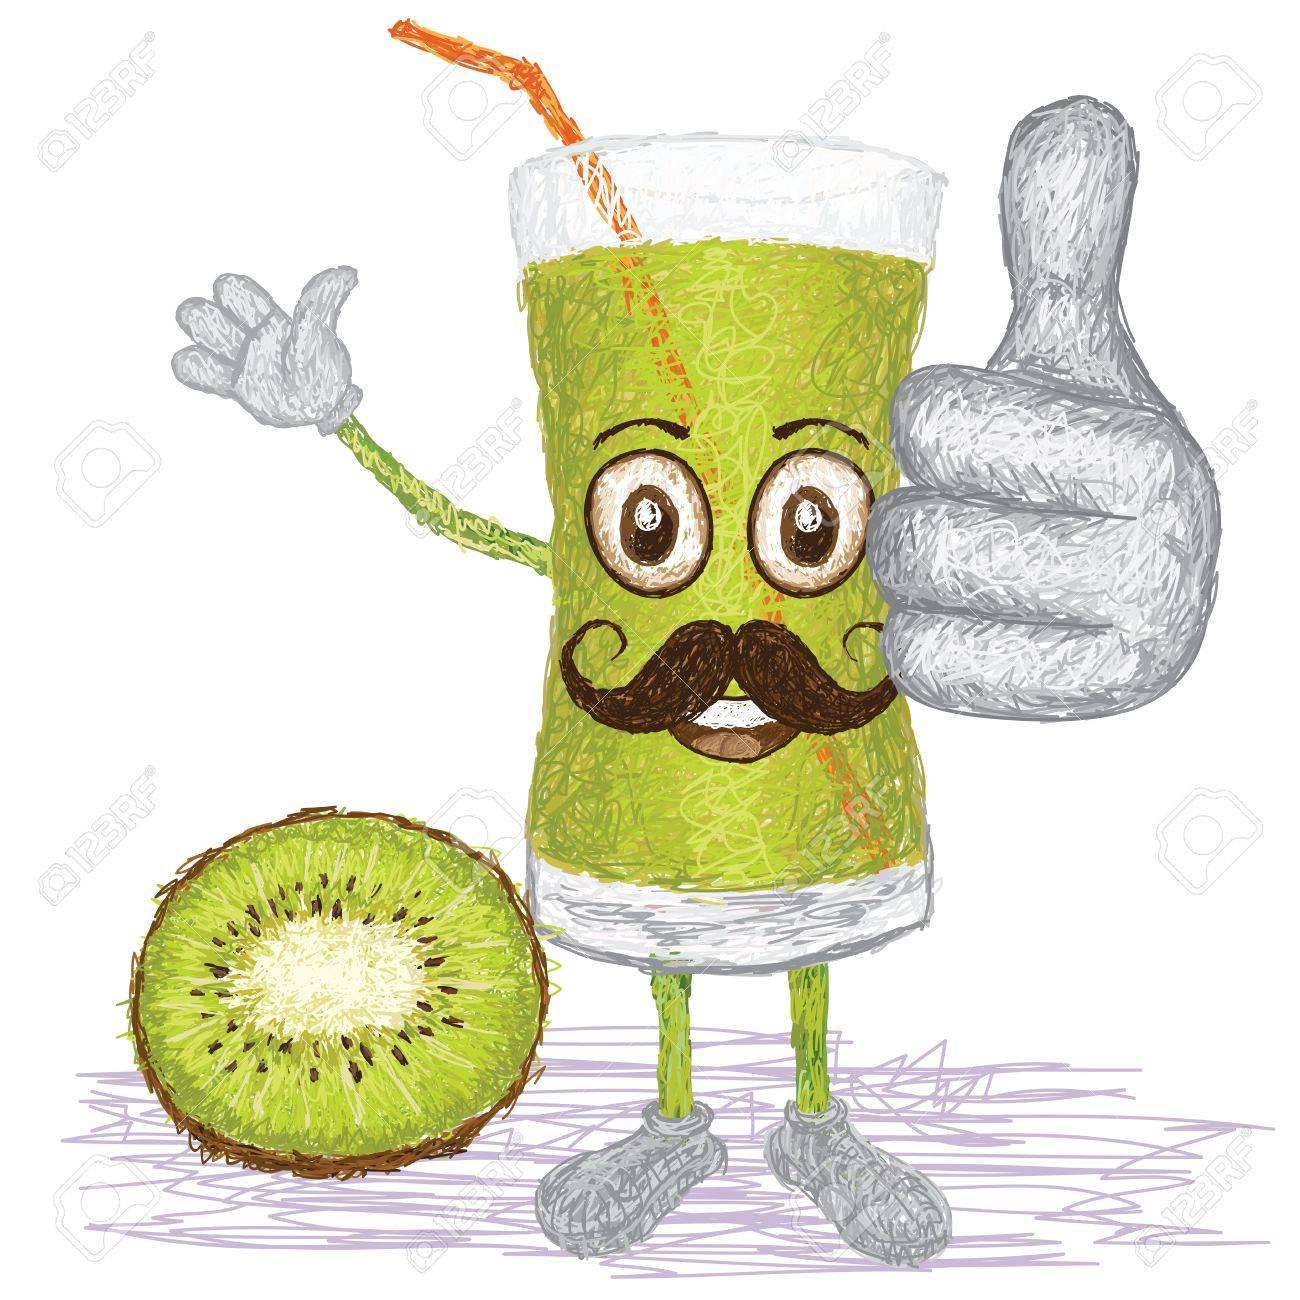 Green Juice Cartoon Happy Cartoon Green Kiwi